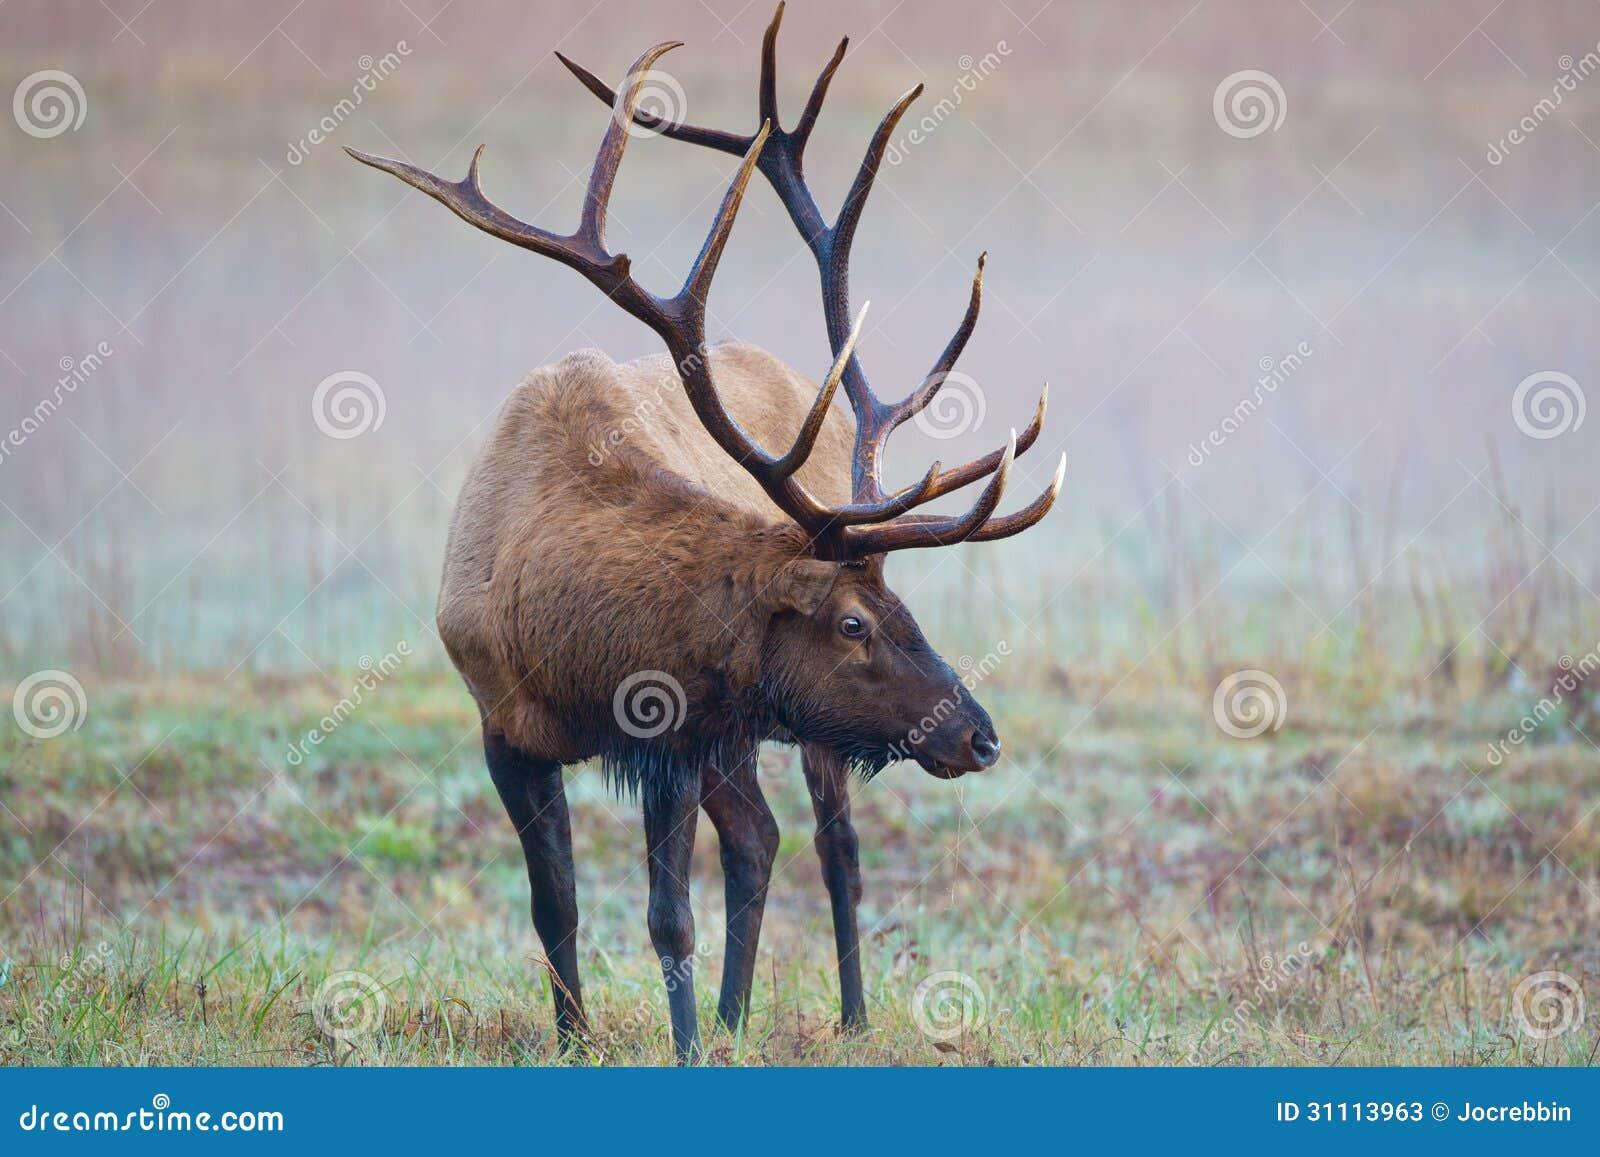 Male Bull Elk Shows Huge Antlers On Misty Morning Stock